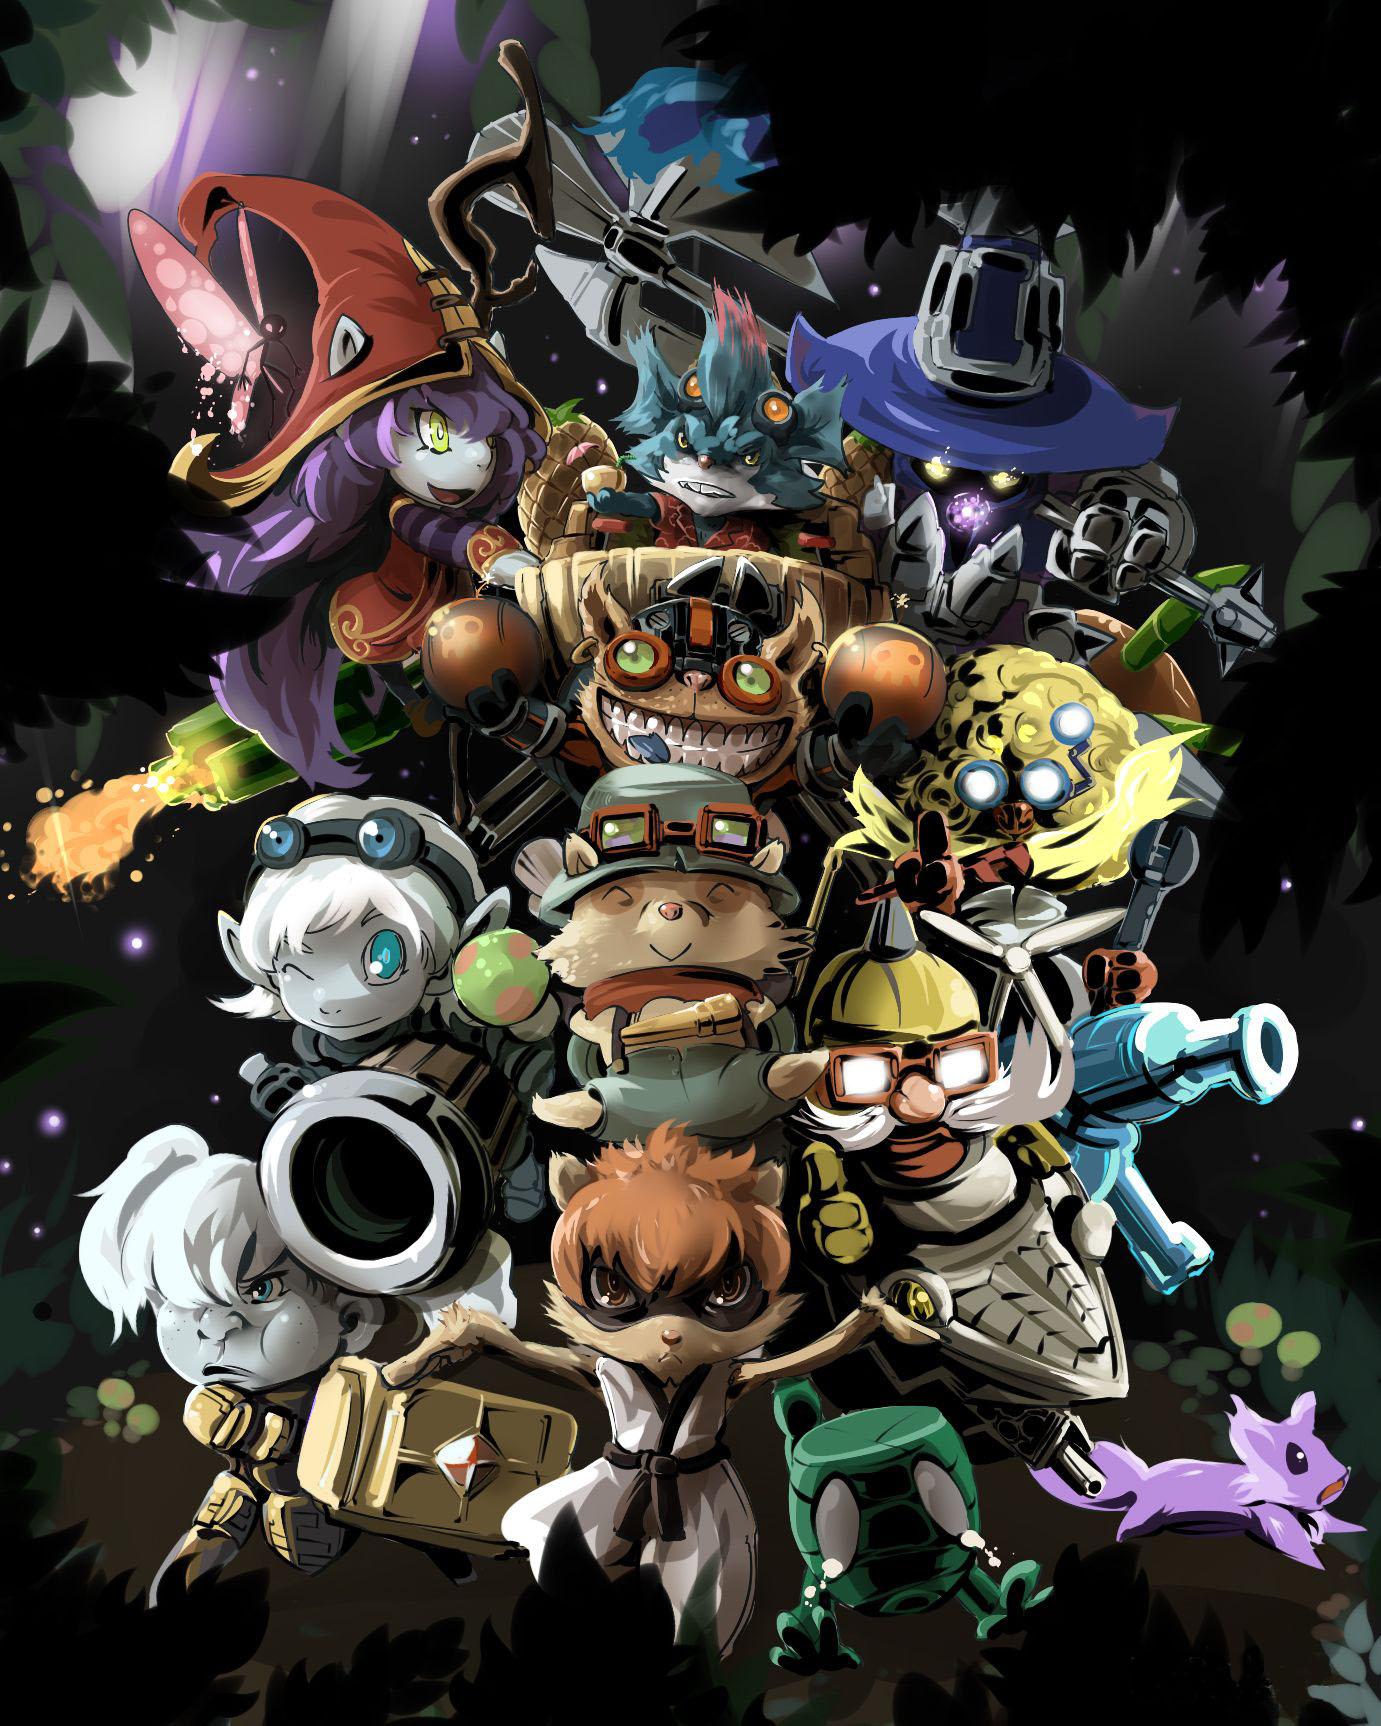 约德尔人竞技游戏lol里面角色背景故事设计的一生物种族,约德尔人